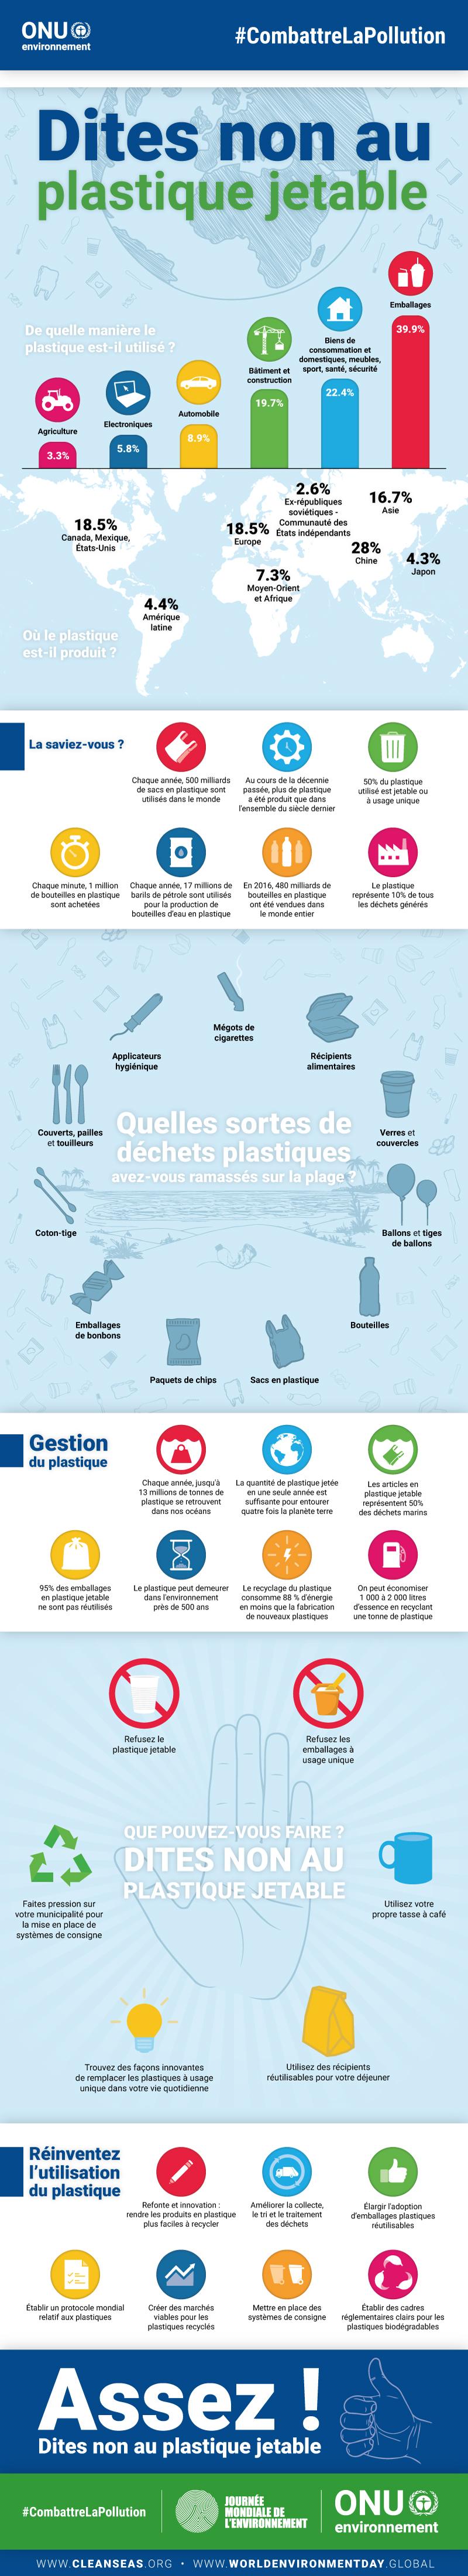 FR_PLASTIC_infographic.jpg